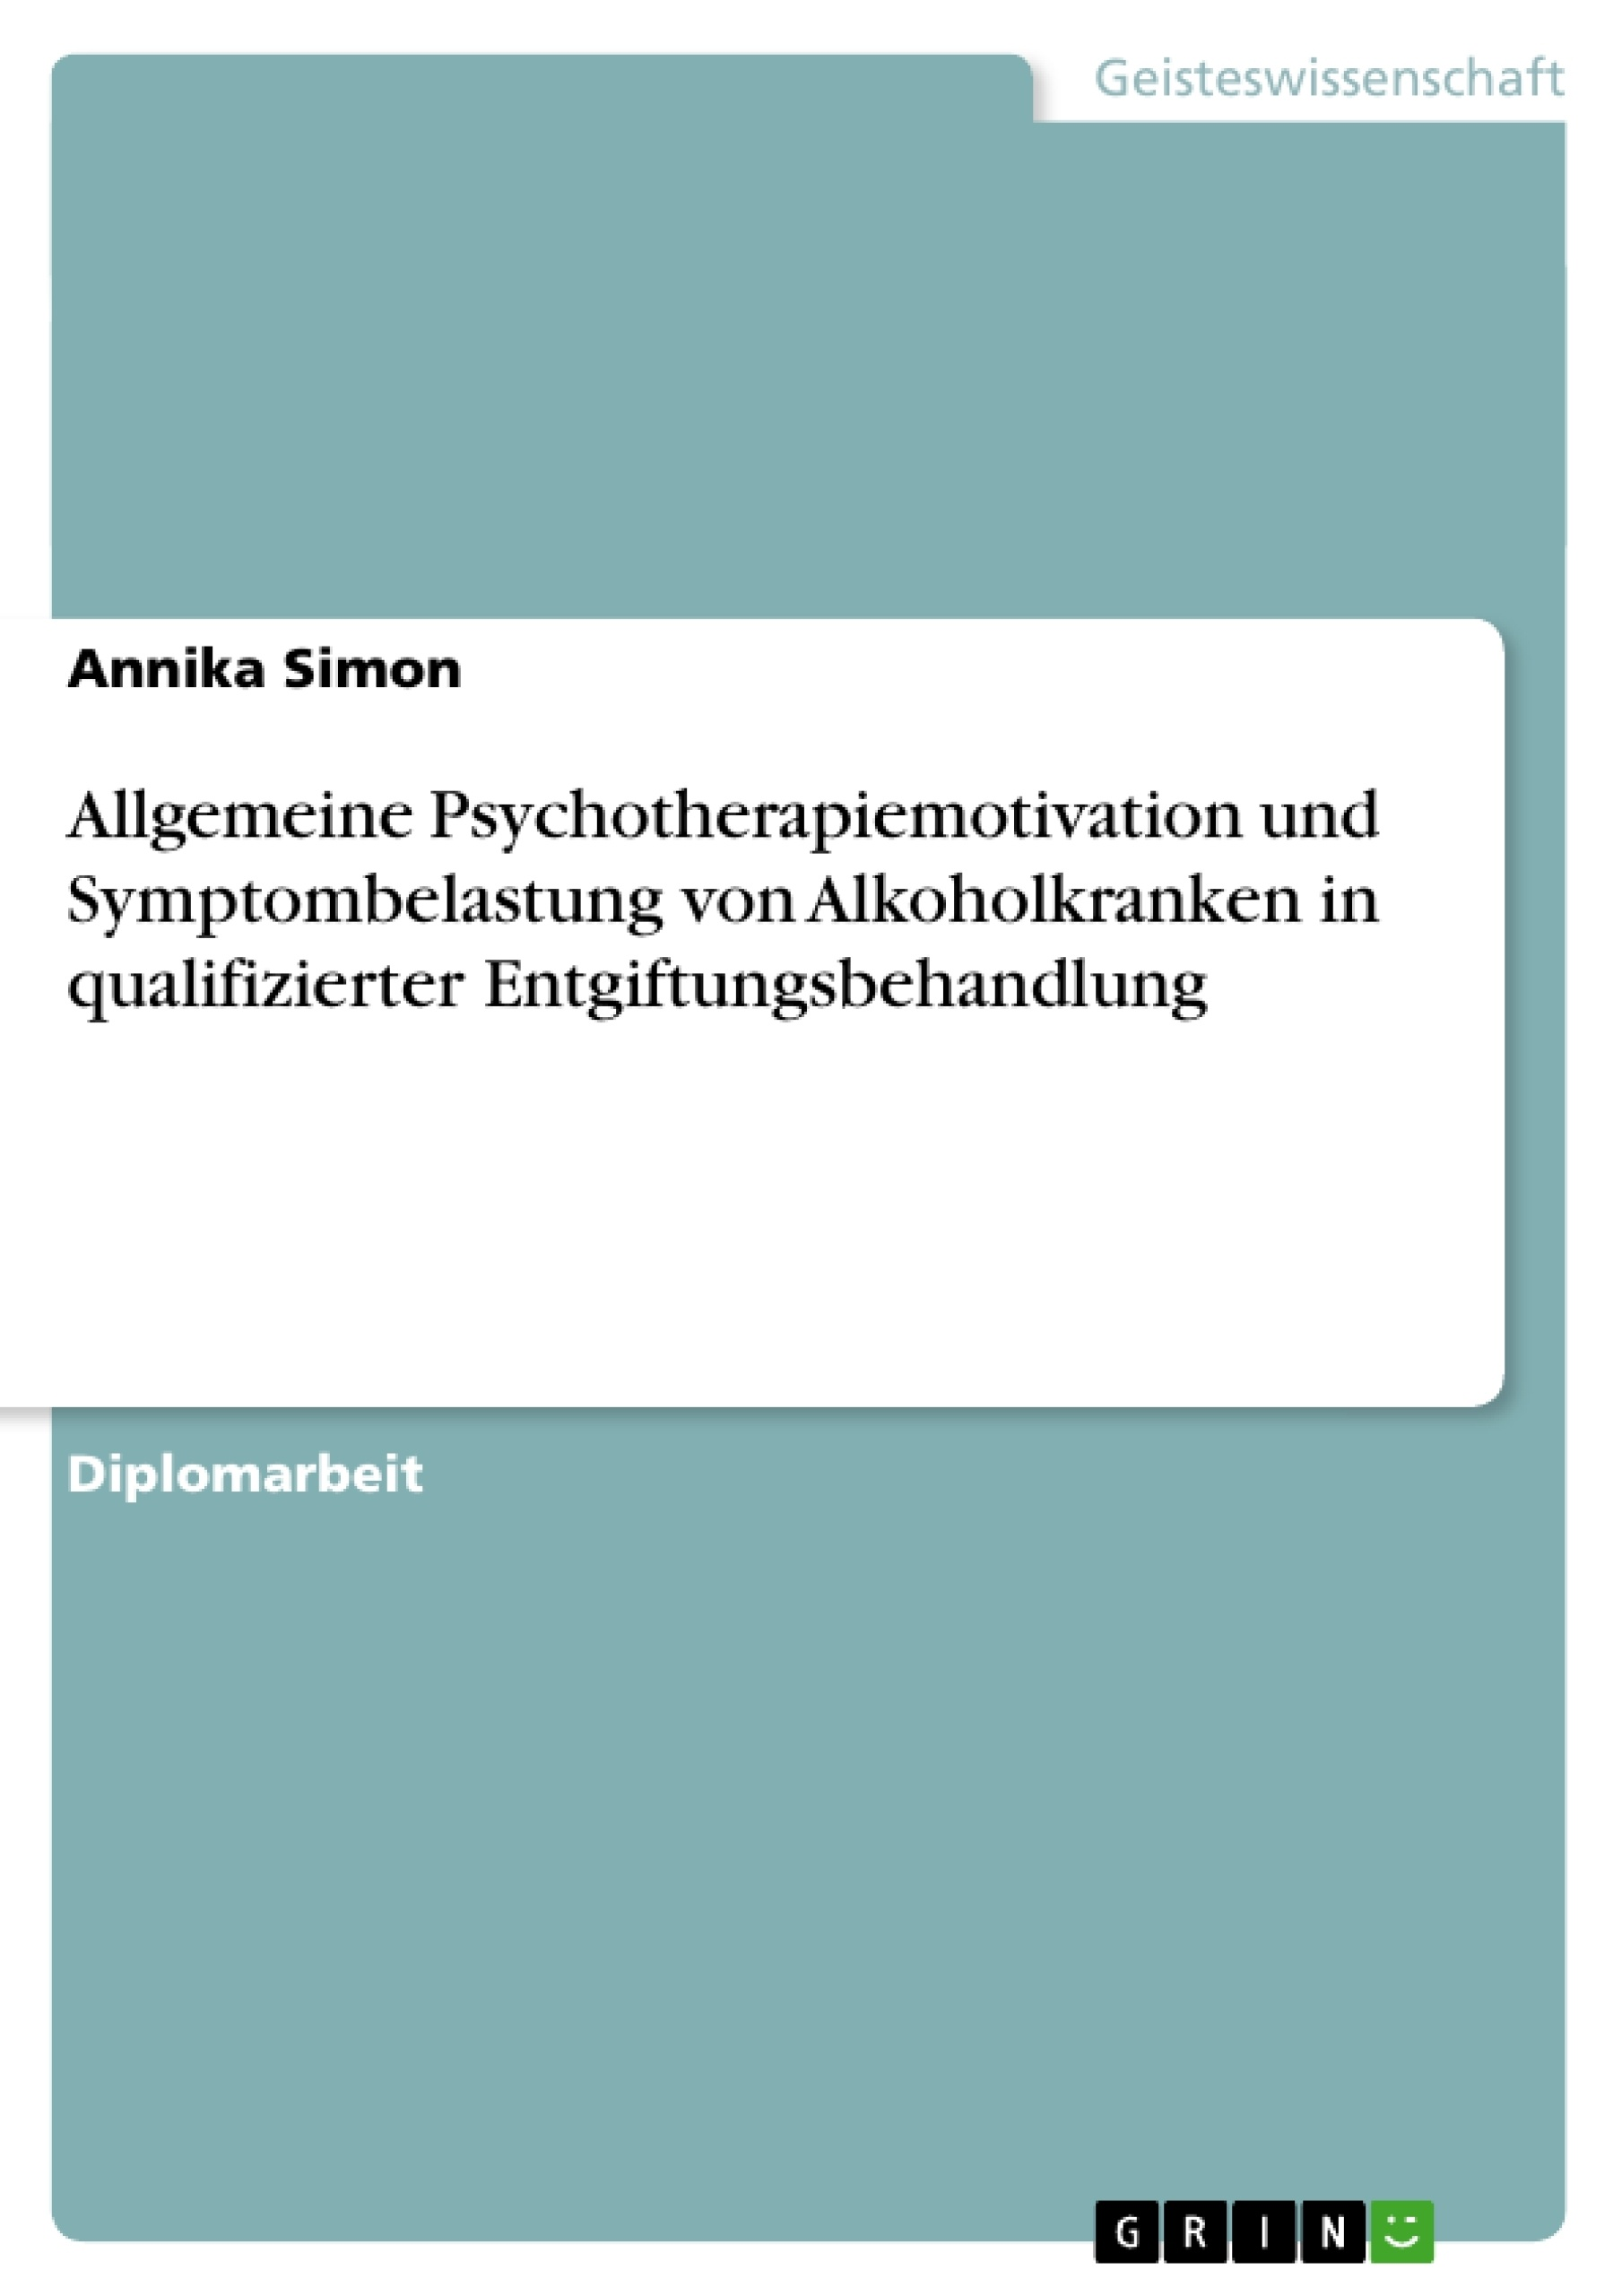 Titel: Allgemeine Psychotherapiemotivation und Symptombelastung von Alkoholkranken in qualifizierter Entgiftungsbehandlung